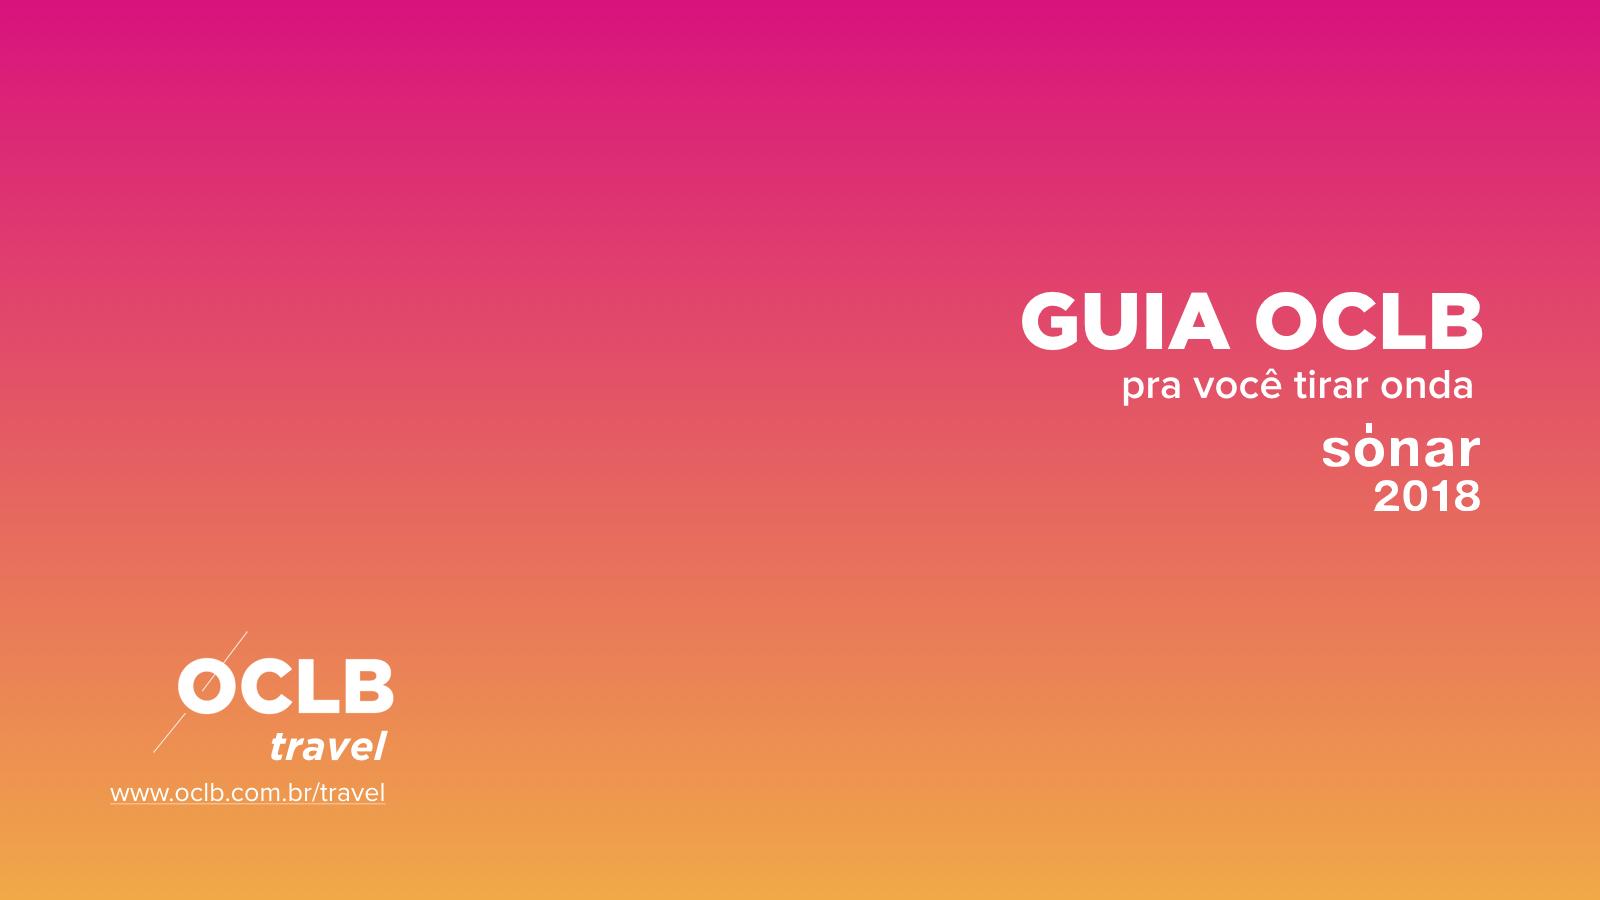 Especial: Guia OCLB Travel Sónar 25 anos